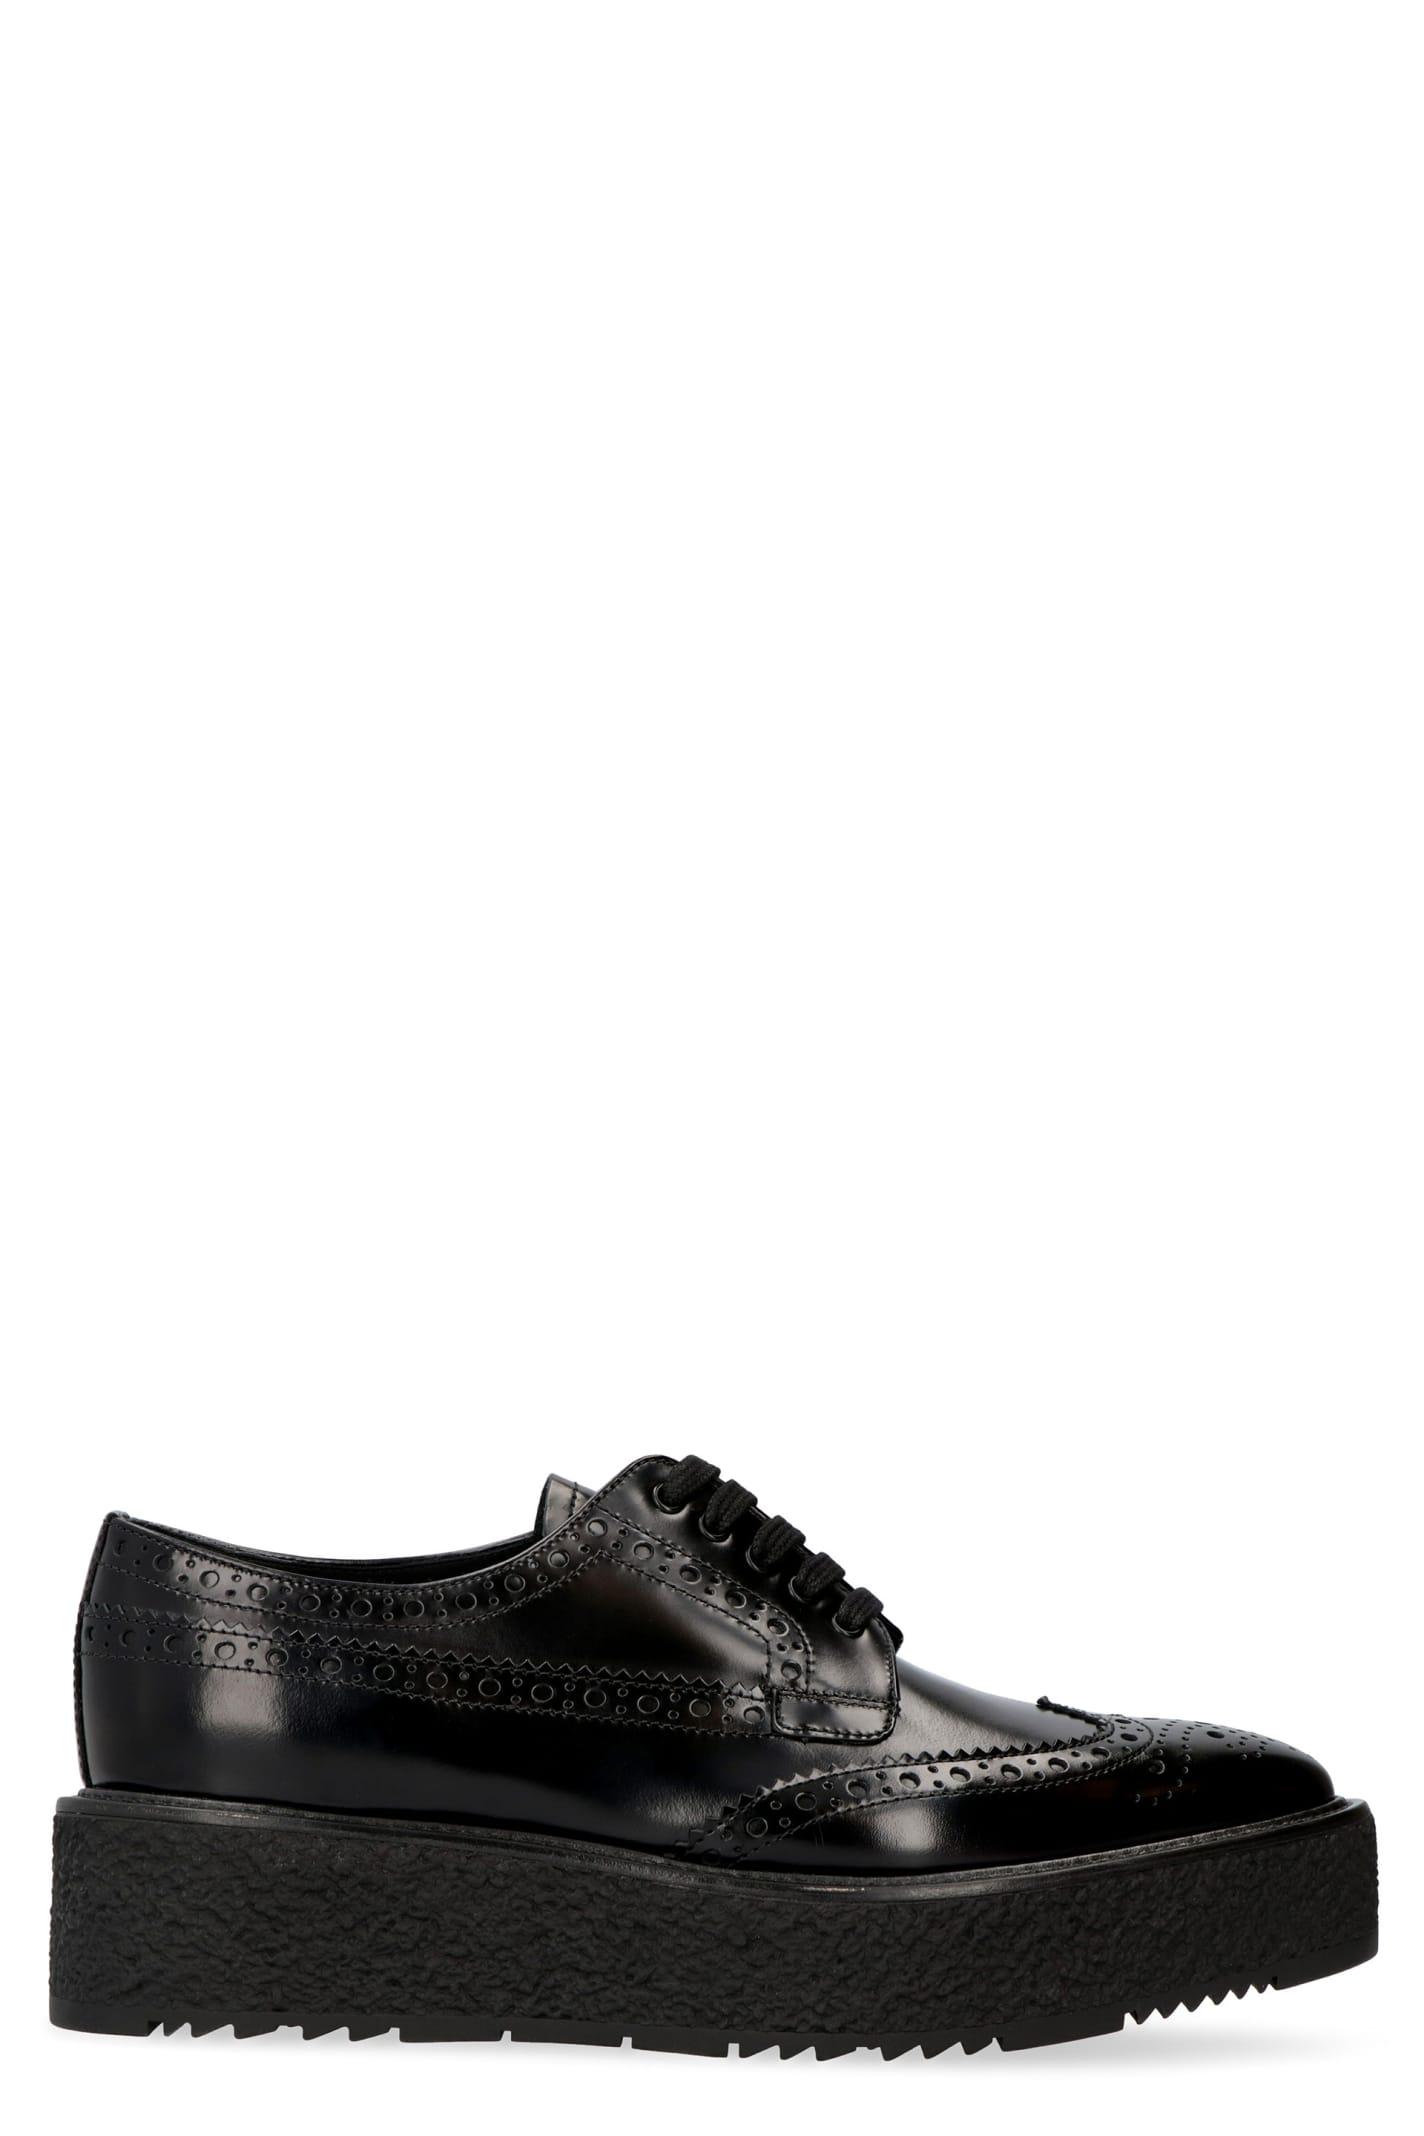 Prada Leather Brogue Shoes With Platform